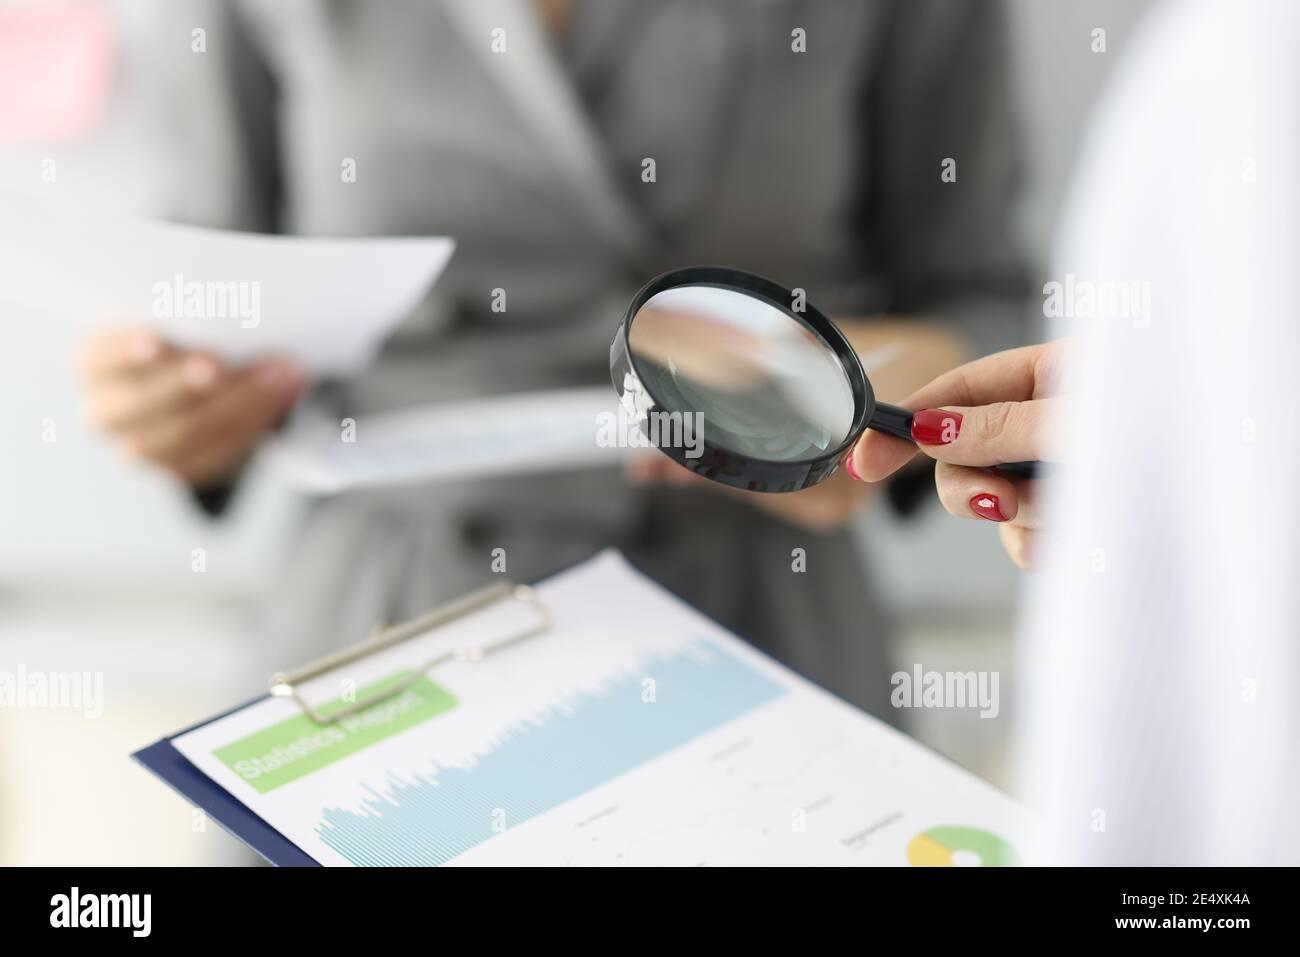 La main femelle tient une loupe et un presse-papiers avec des chiffres financiers Banque D'Images